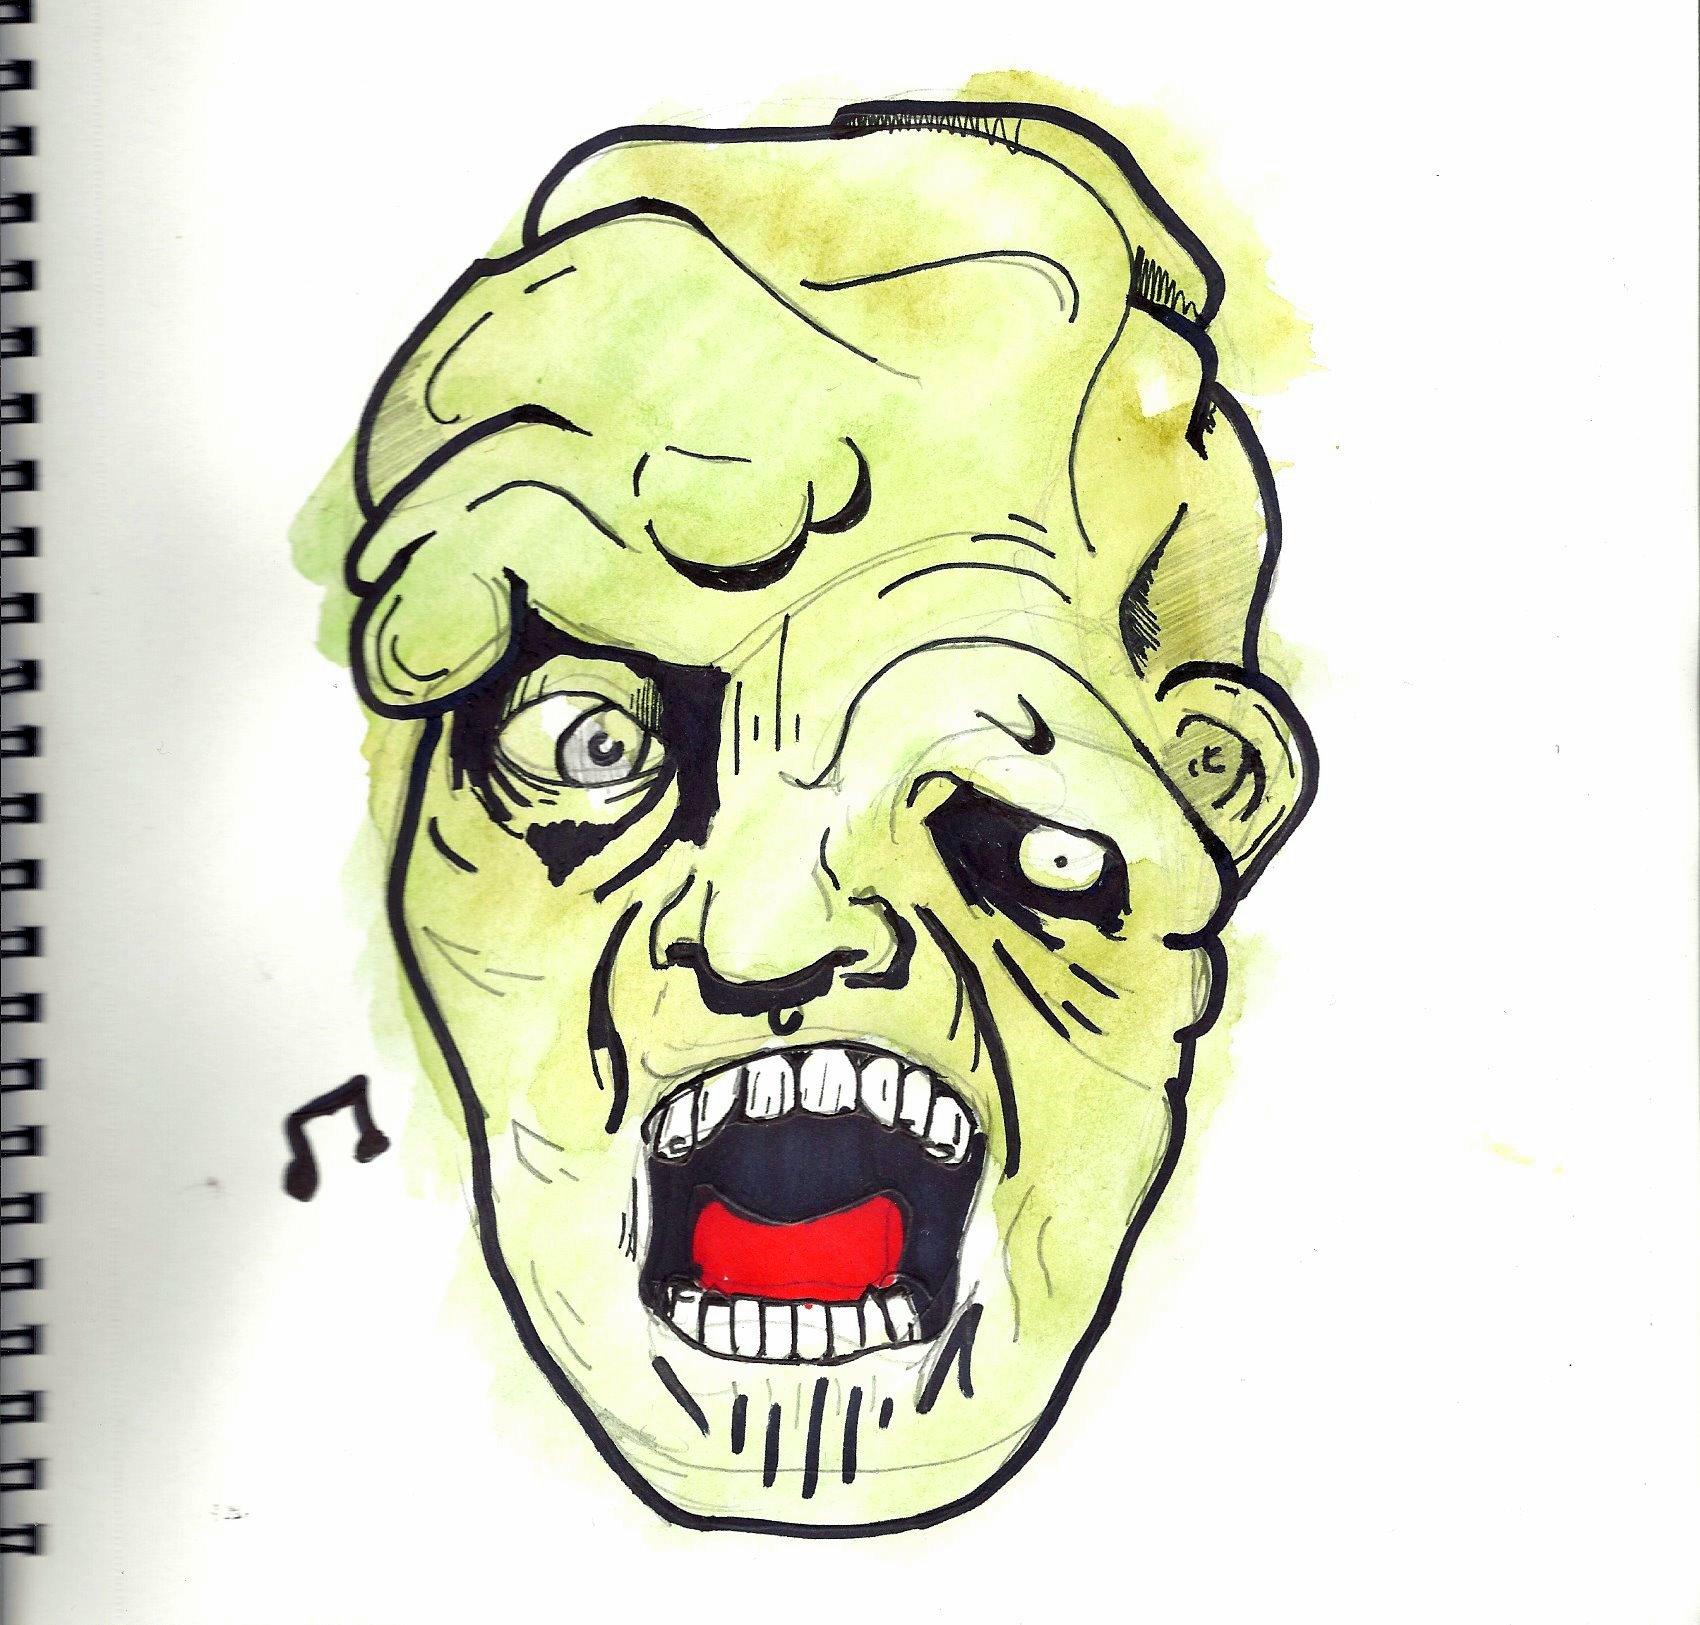 tahead